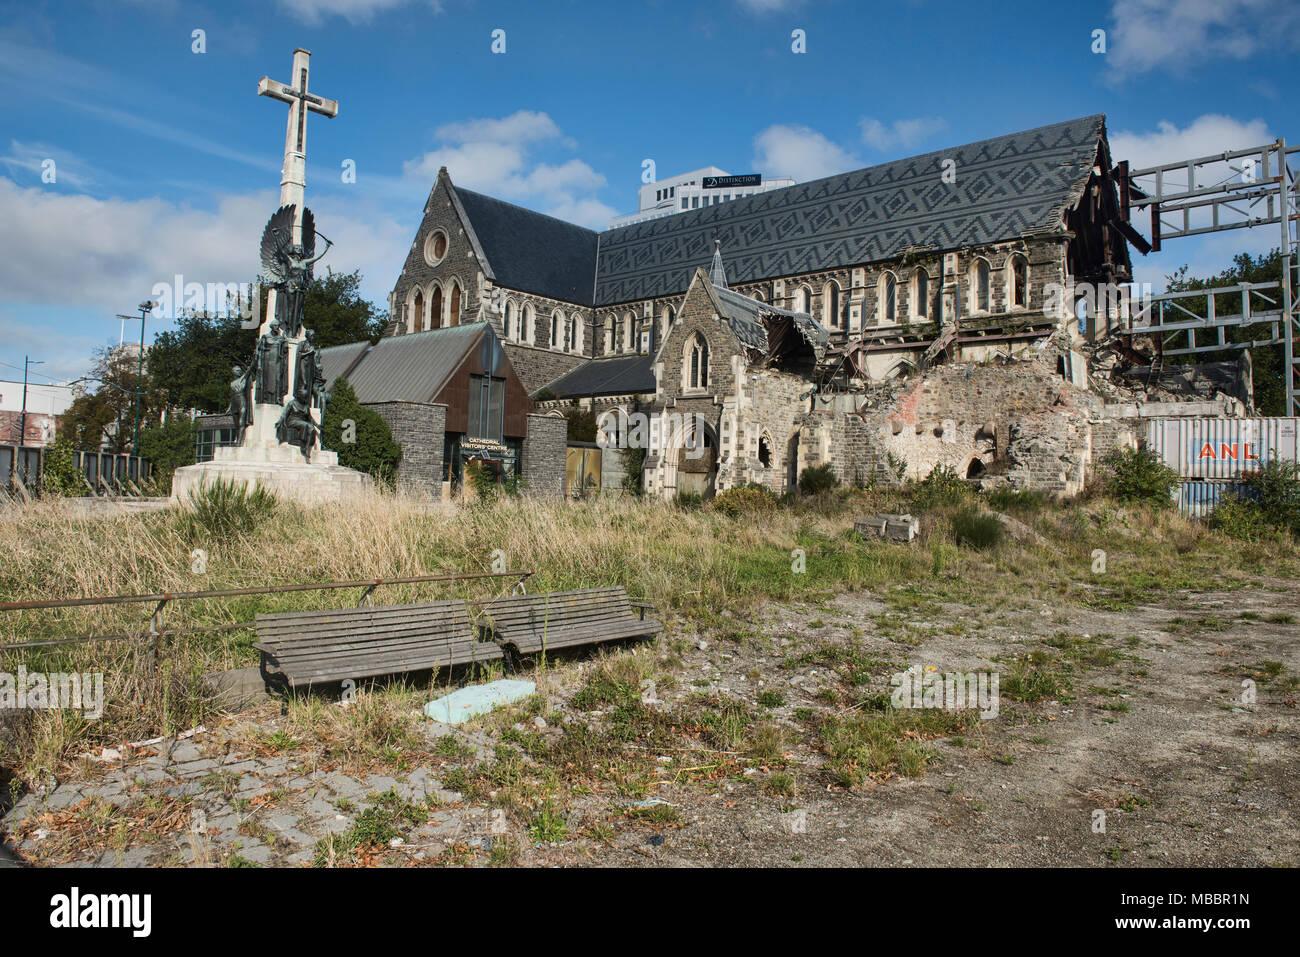 Die Christchurch Cathedral Noch Nach Dem Erdbeben 2011 Christchurch Neuseeland Beschadigt Stockfotografie Alamy